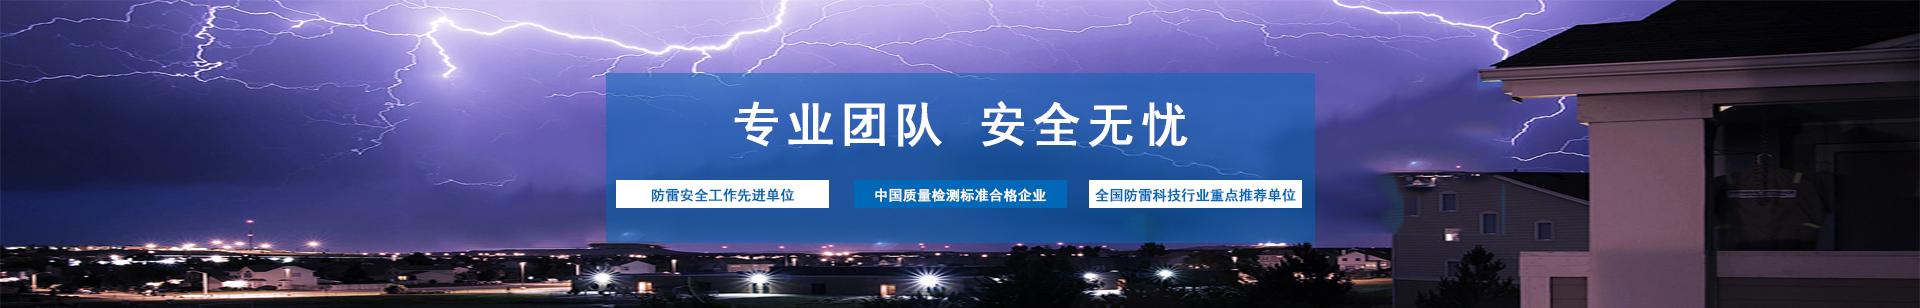 http://www.gsyafl.com/data/upload/202012/20201230164445_528.jpg